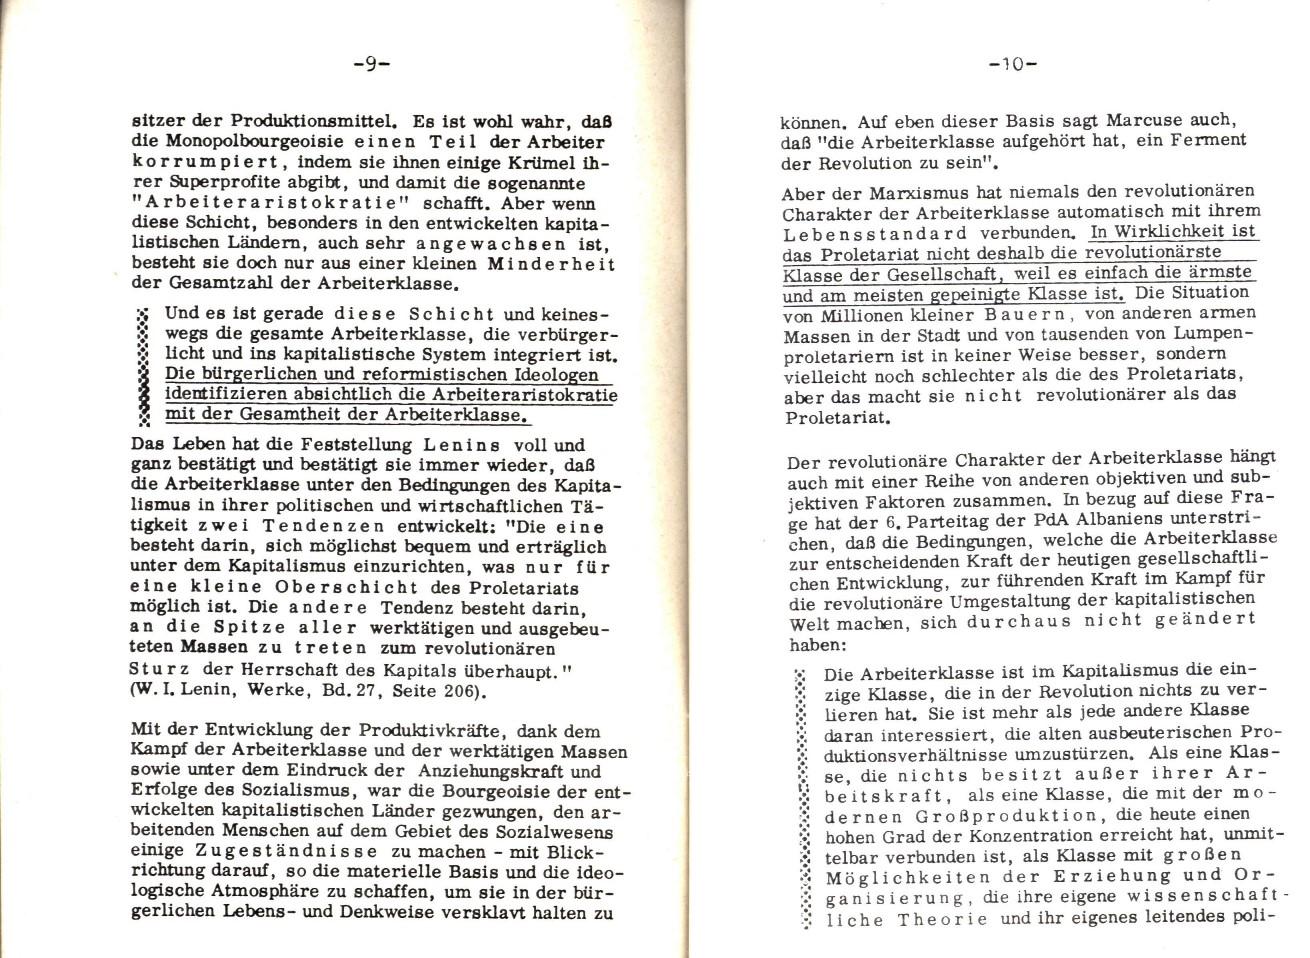 MLSK_Theorie_und_Praxis_des_ML_1978_23_08